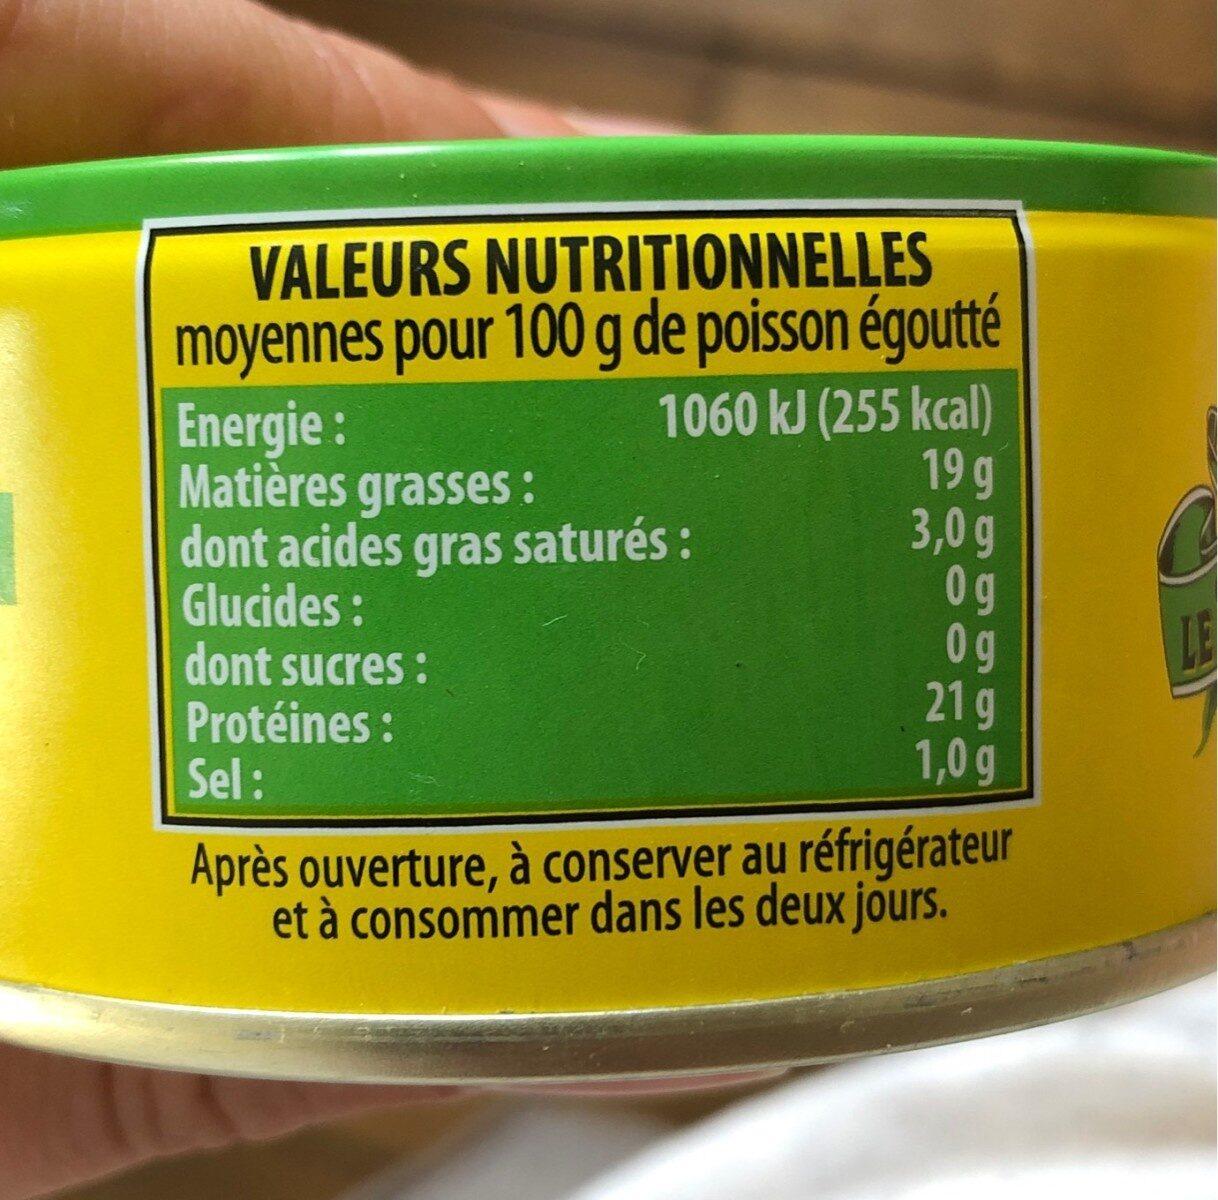 Le savoureux, thon miettes genereuses a l'huile d'olive - Valori nutrizionali - fr